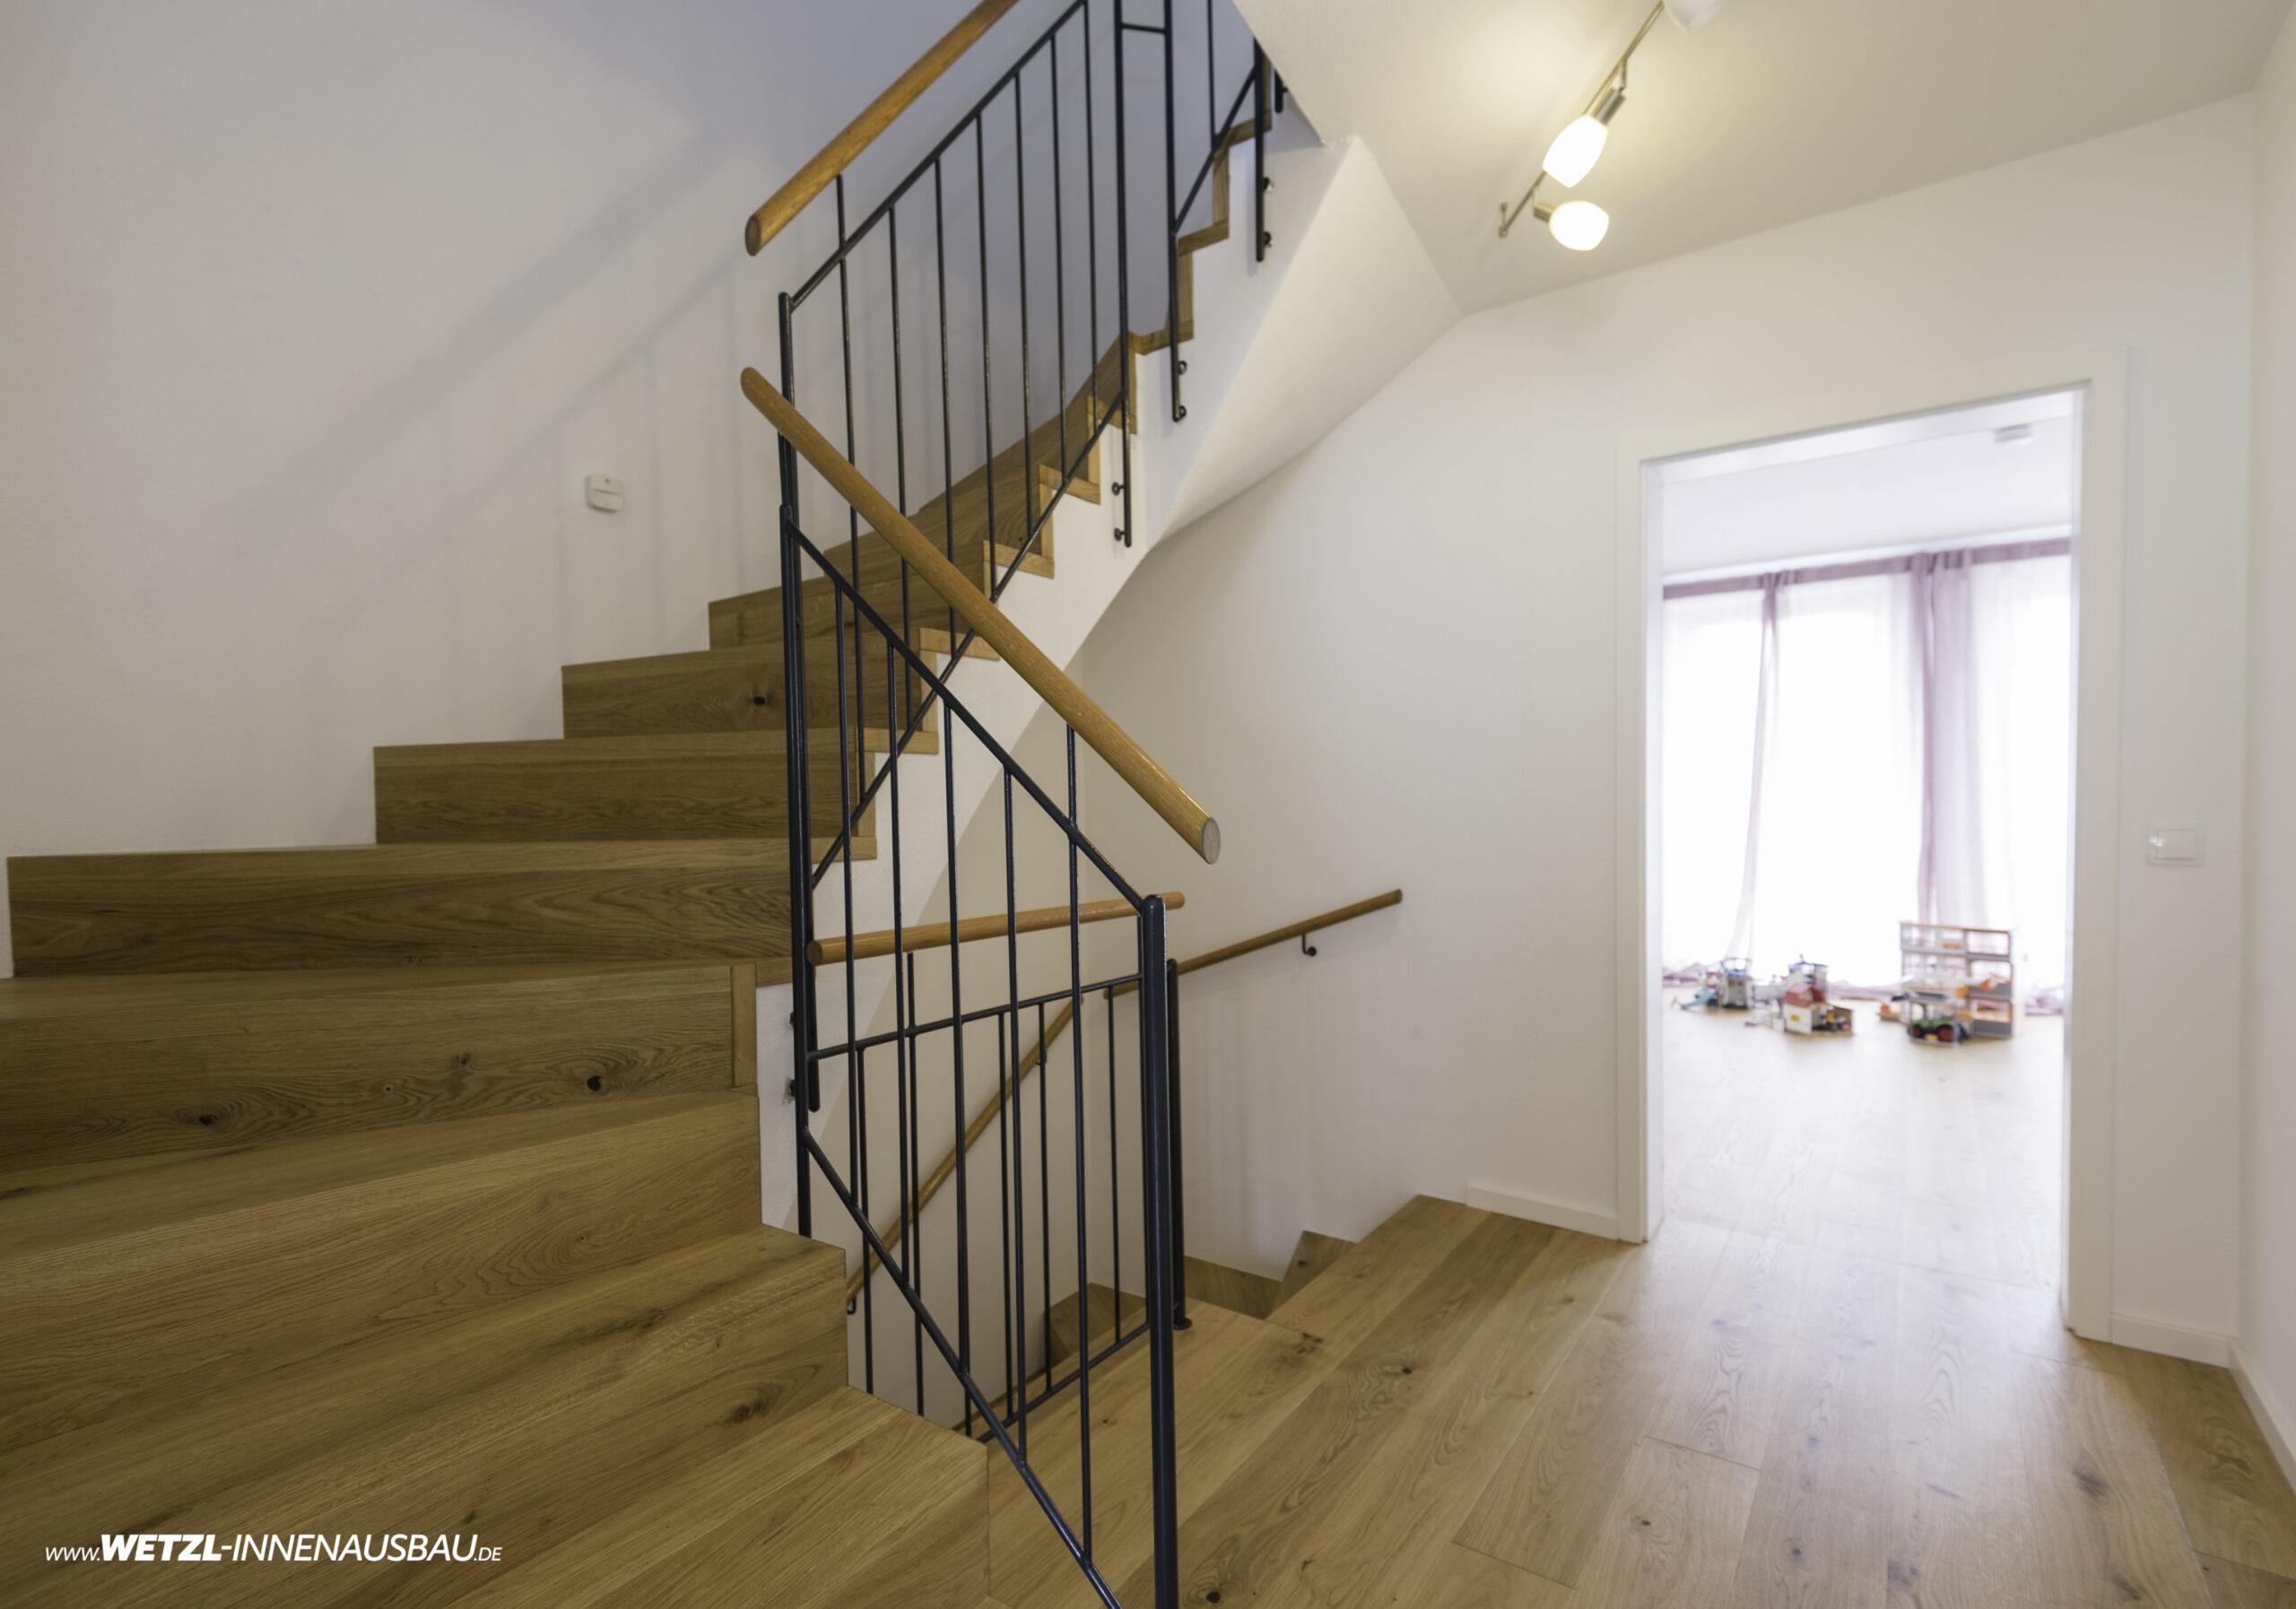 https://wetzl-innenausbau.de/wp-content/uploads/2020/07/wetzl-innenausbau-muenchen-treppenhaus-erneuert-4-scaled.jpg